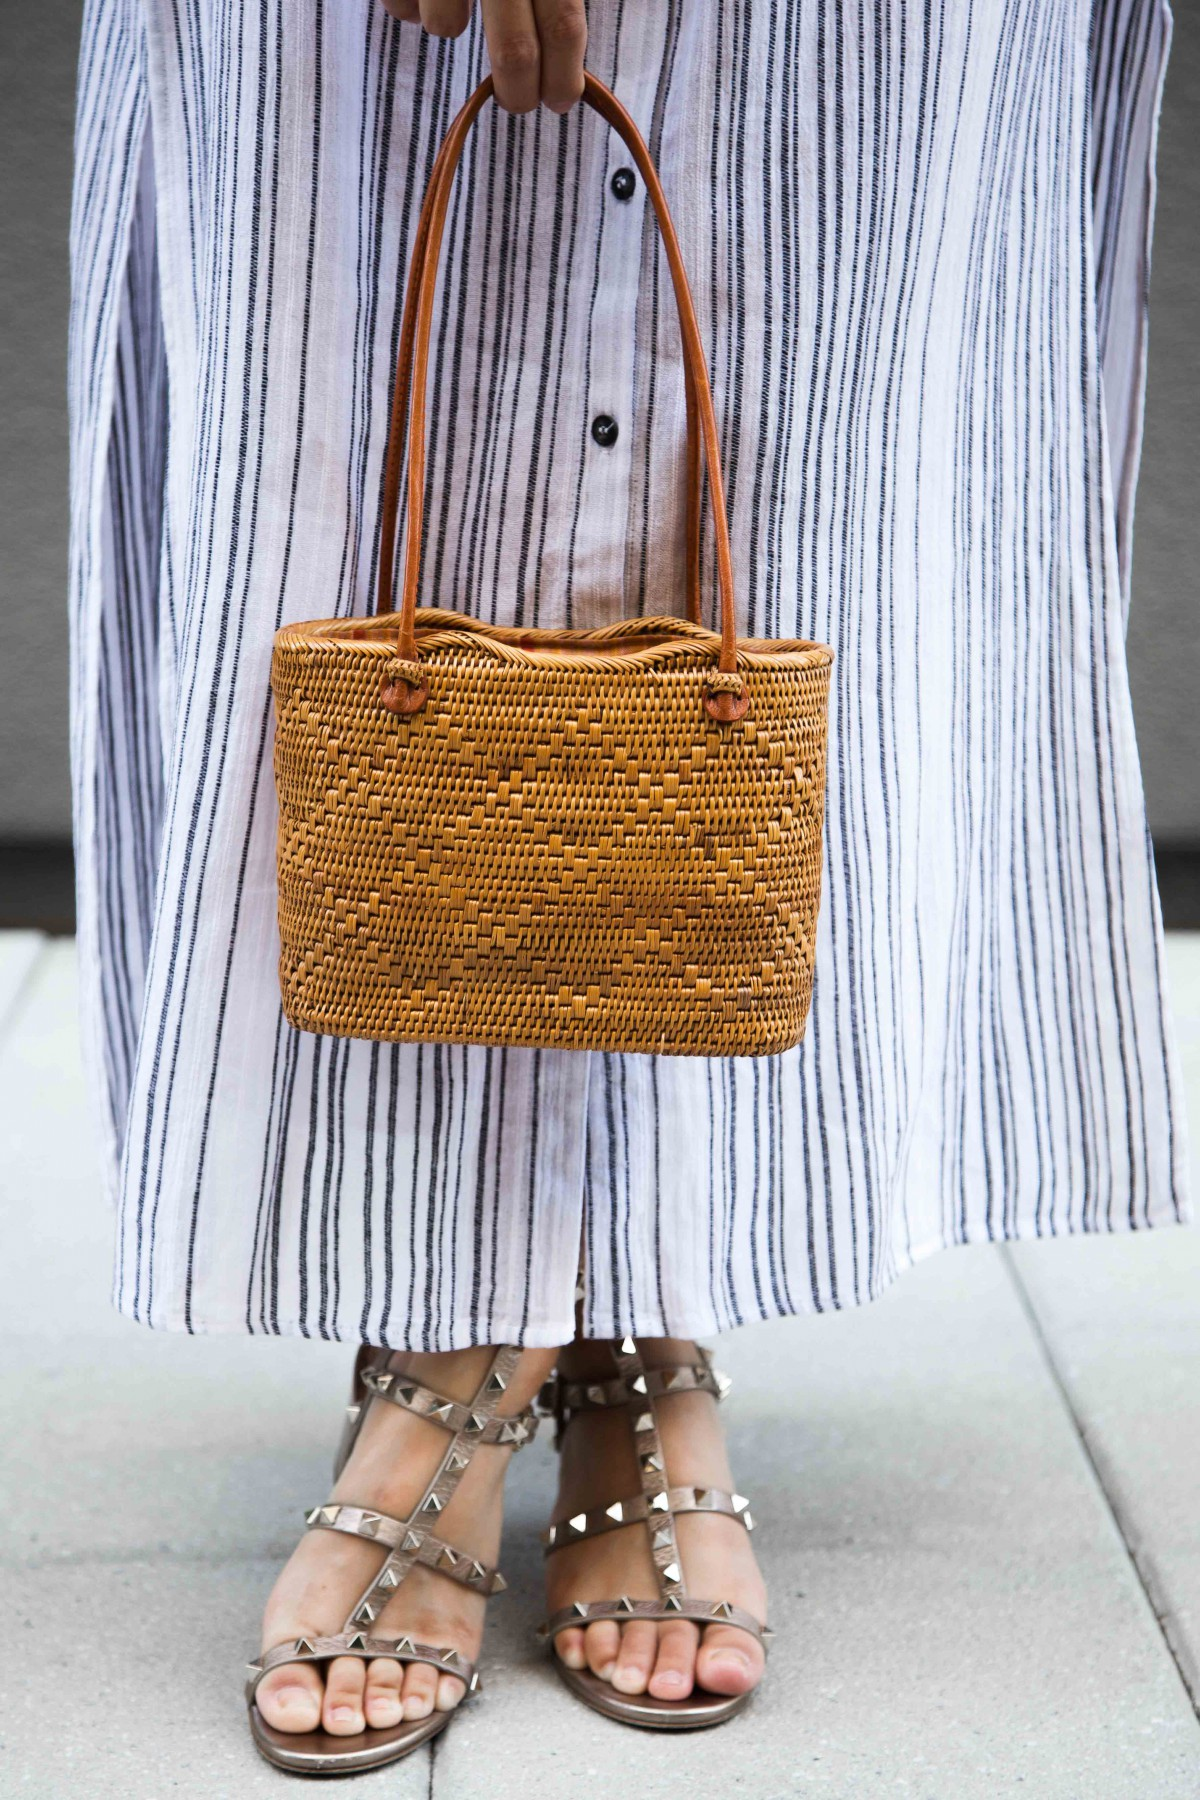 Basket Handbag Summer